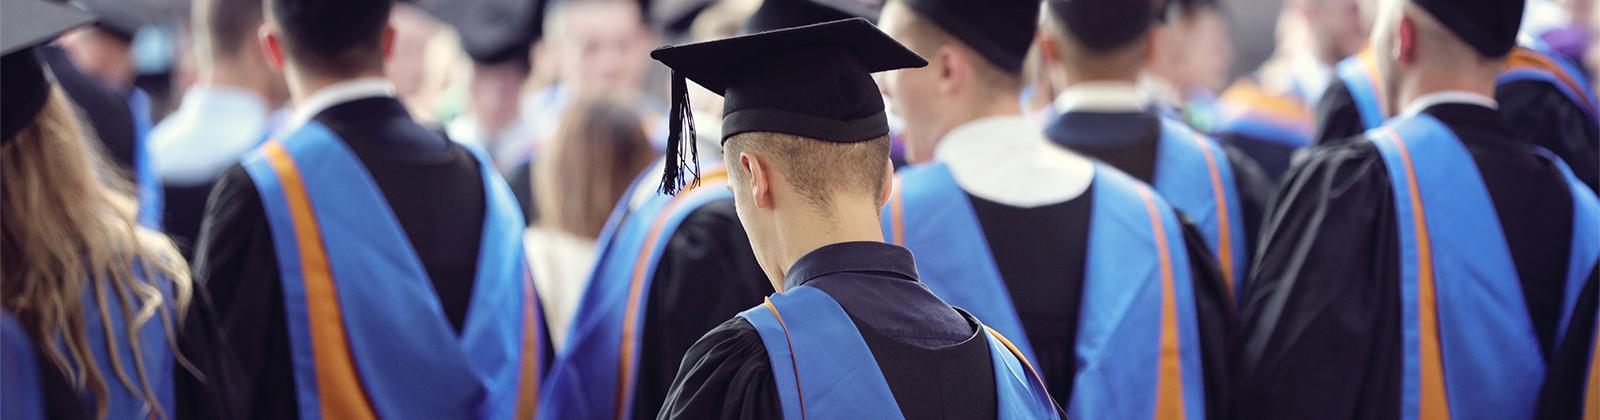 Collegiate Recognition